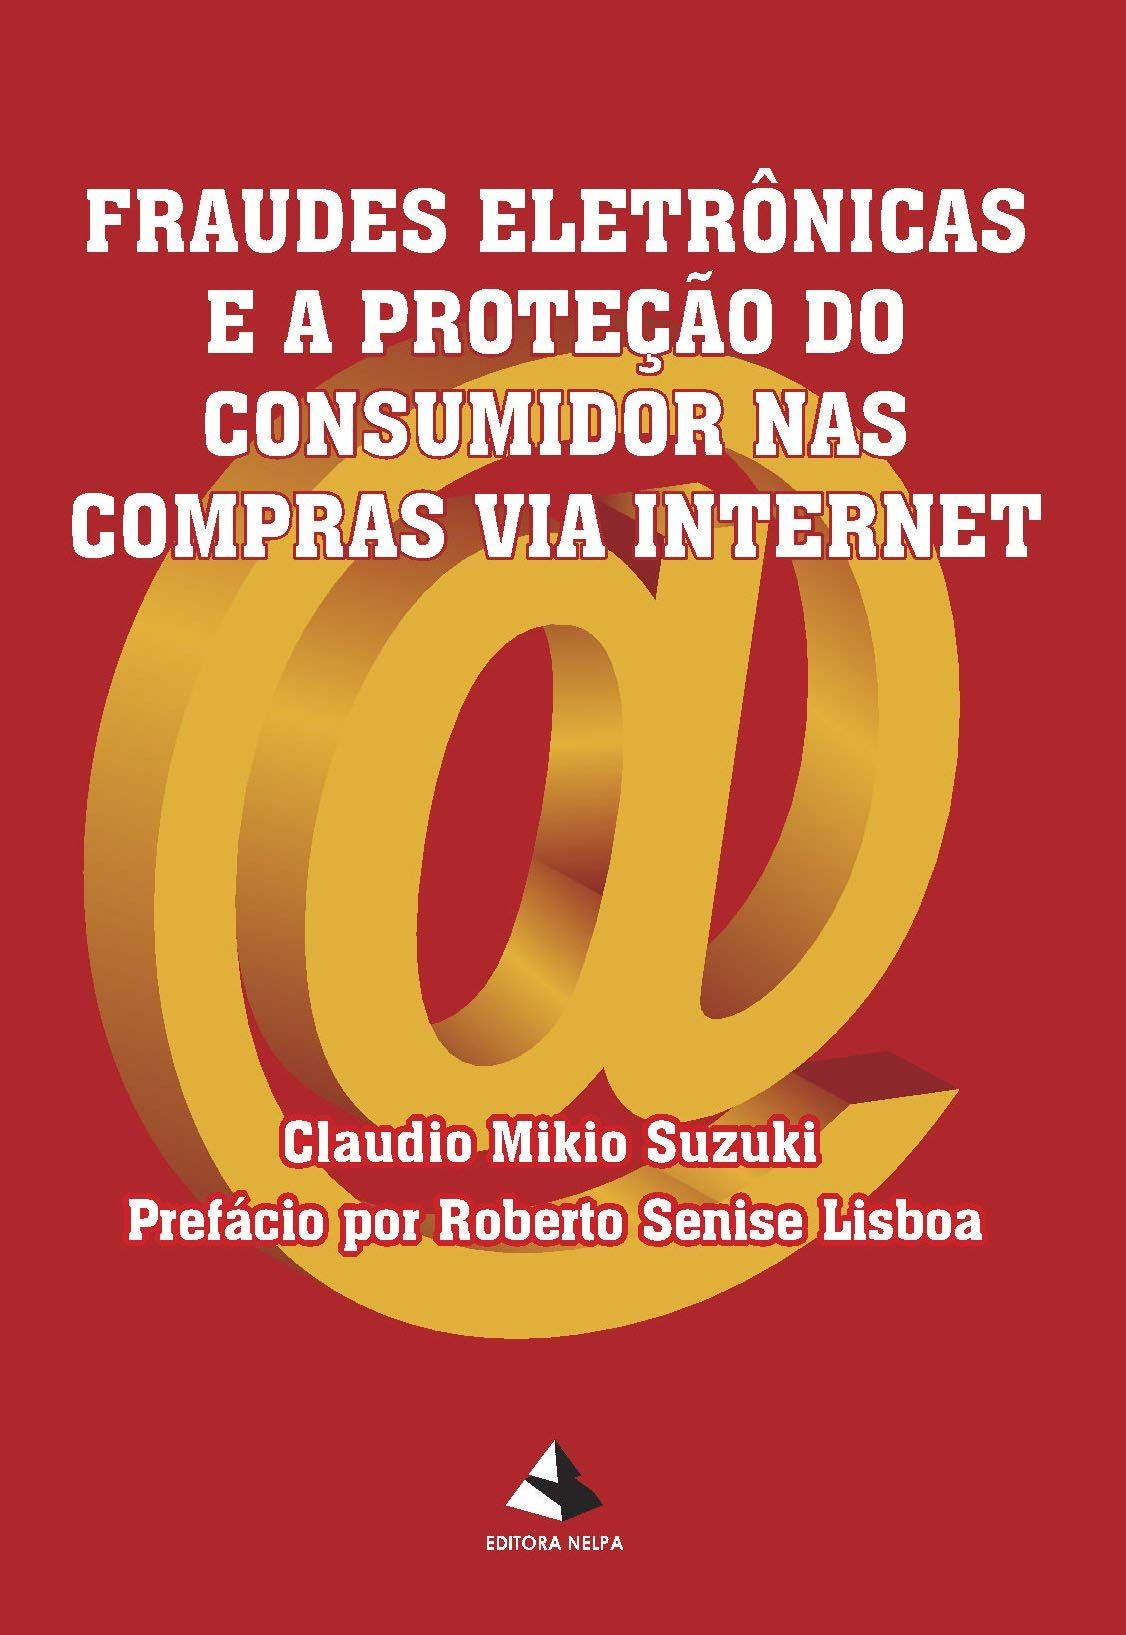 FRAUDES ELETRÔNICAS E A PROTEÇÃO DO CONSUMIDOR NAS COMPRAS VIA INTERNET